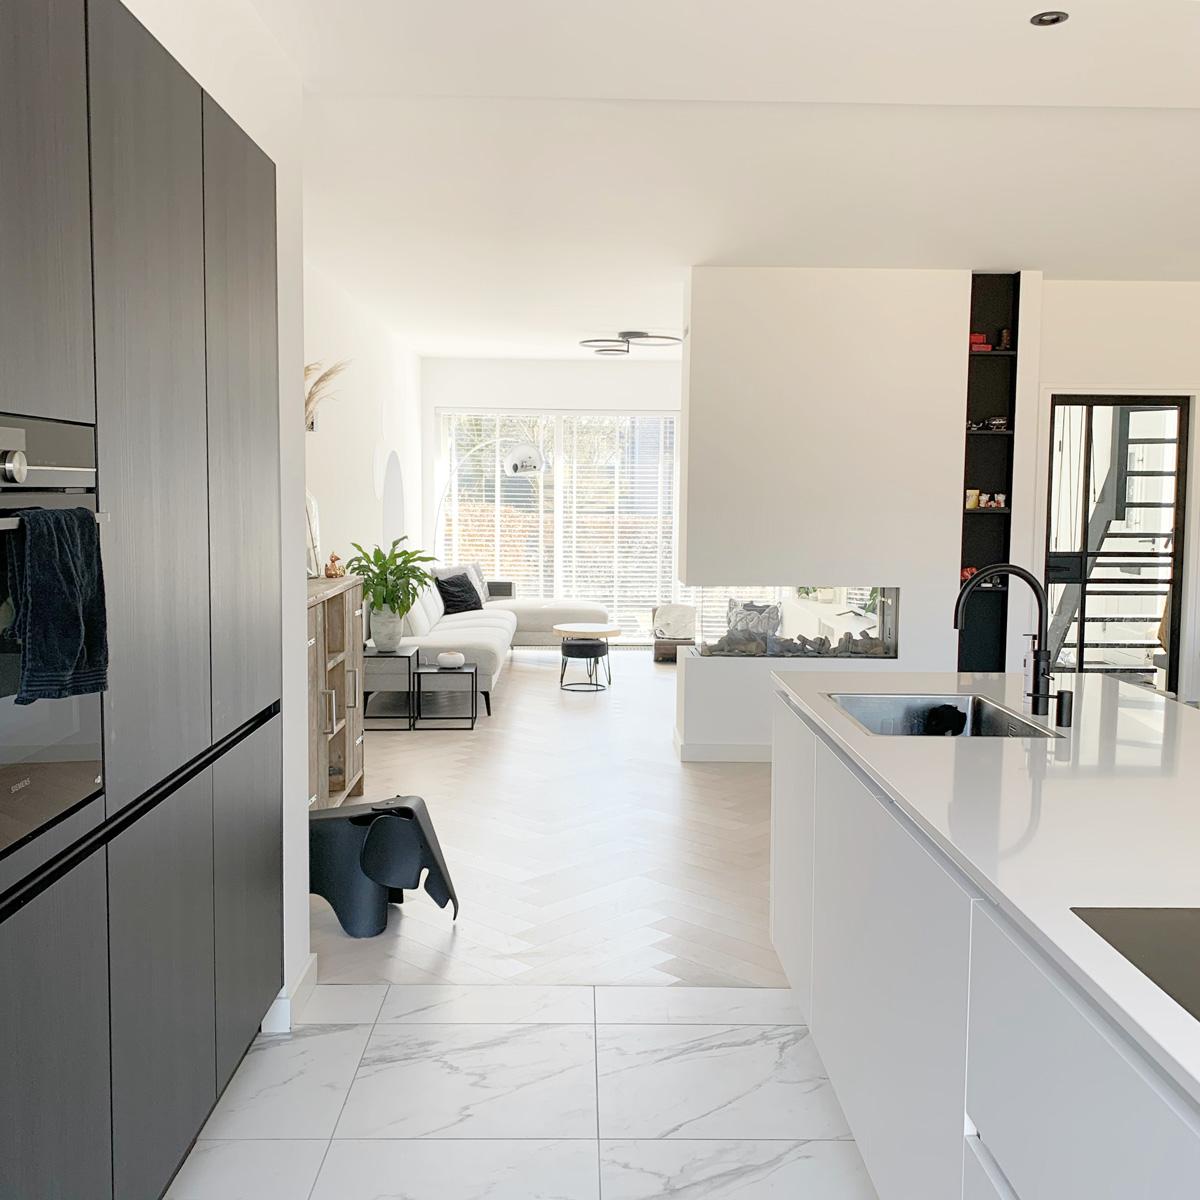 tijdloos haard woonkamer inspiratie naturel keuken kitchen design